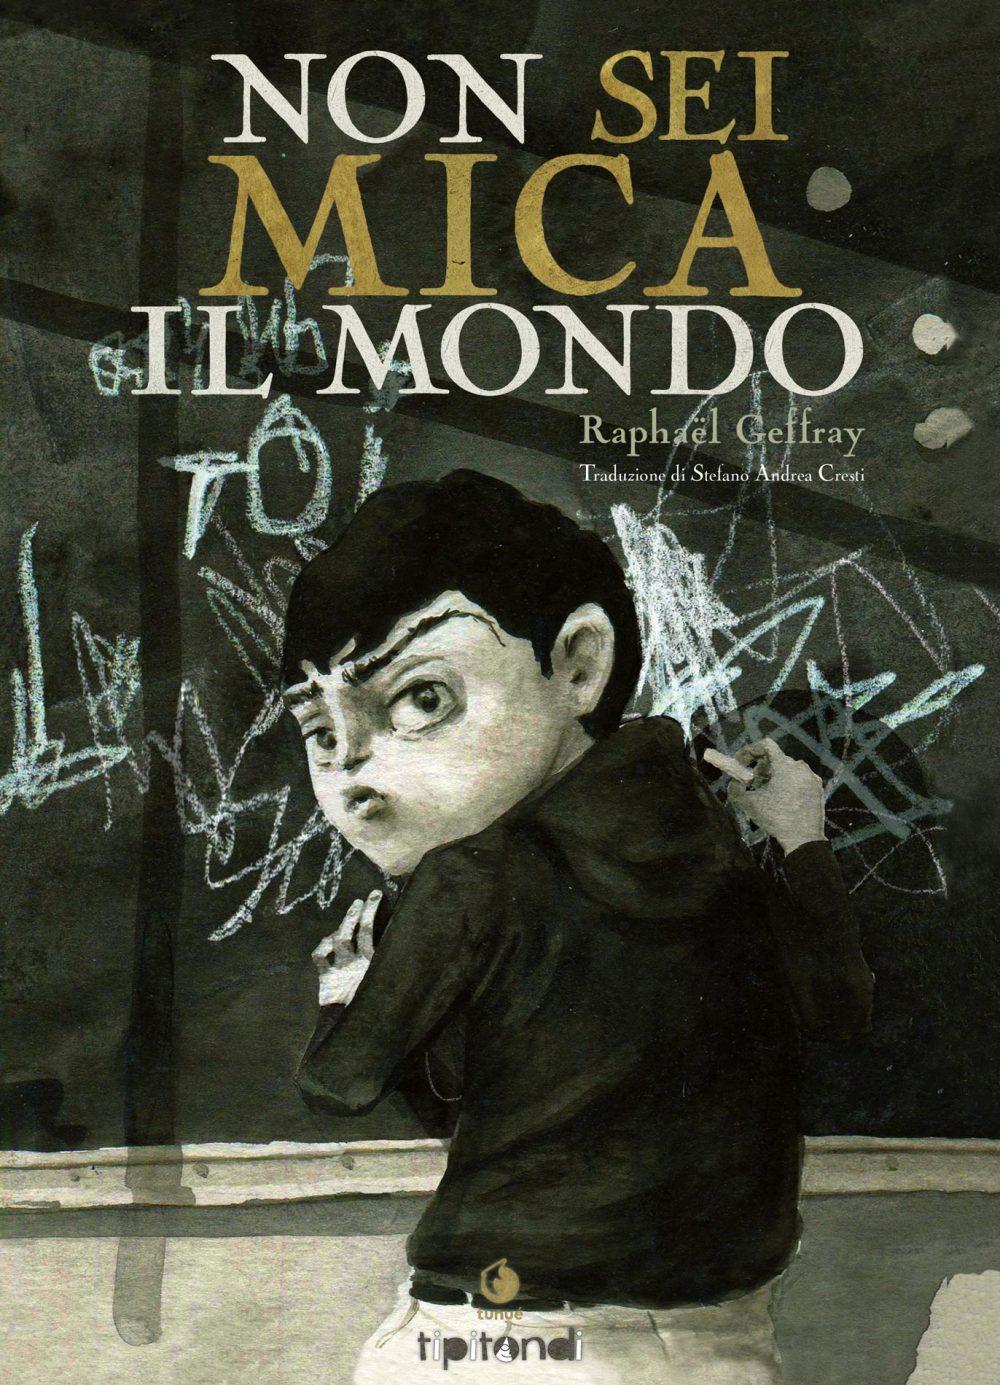 Non Sei Mica Il Mondo, copertina di Raphaël Geffray